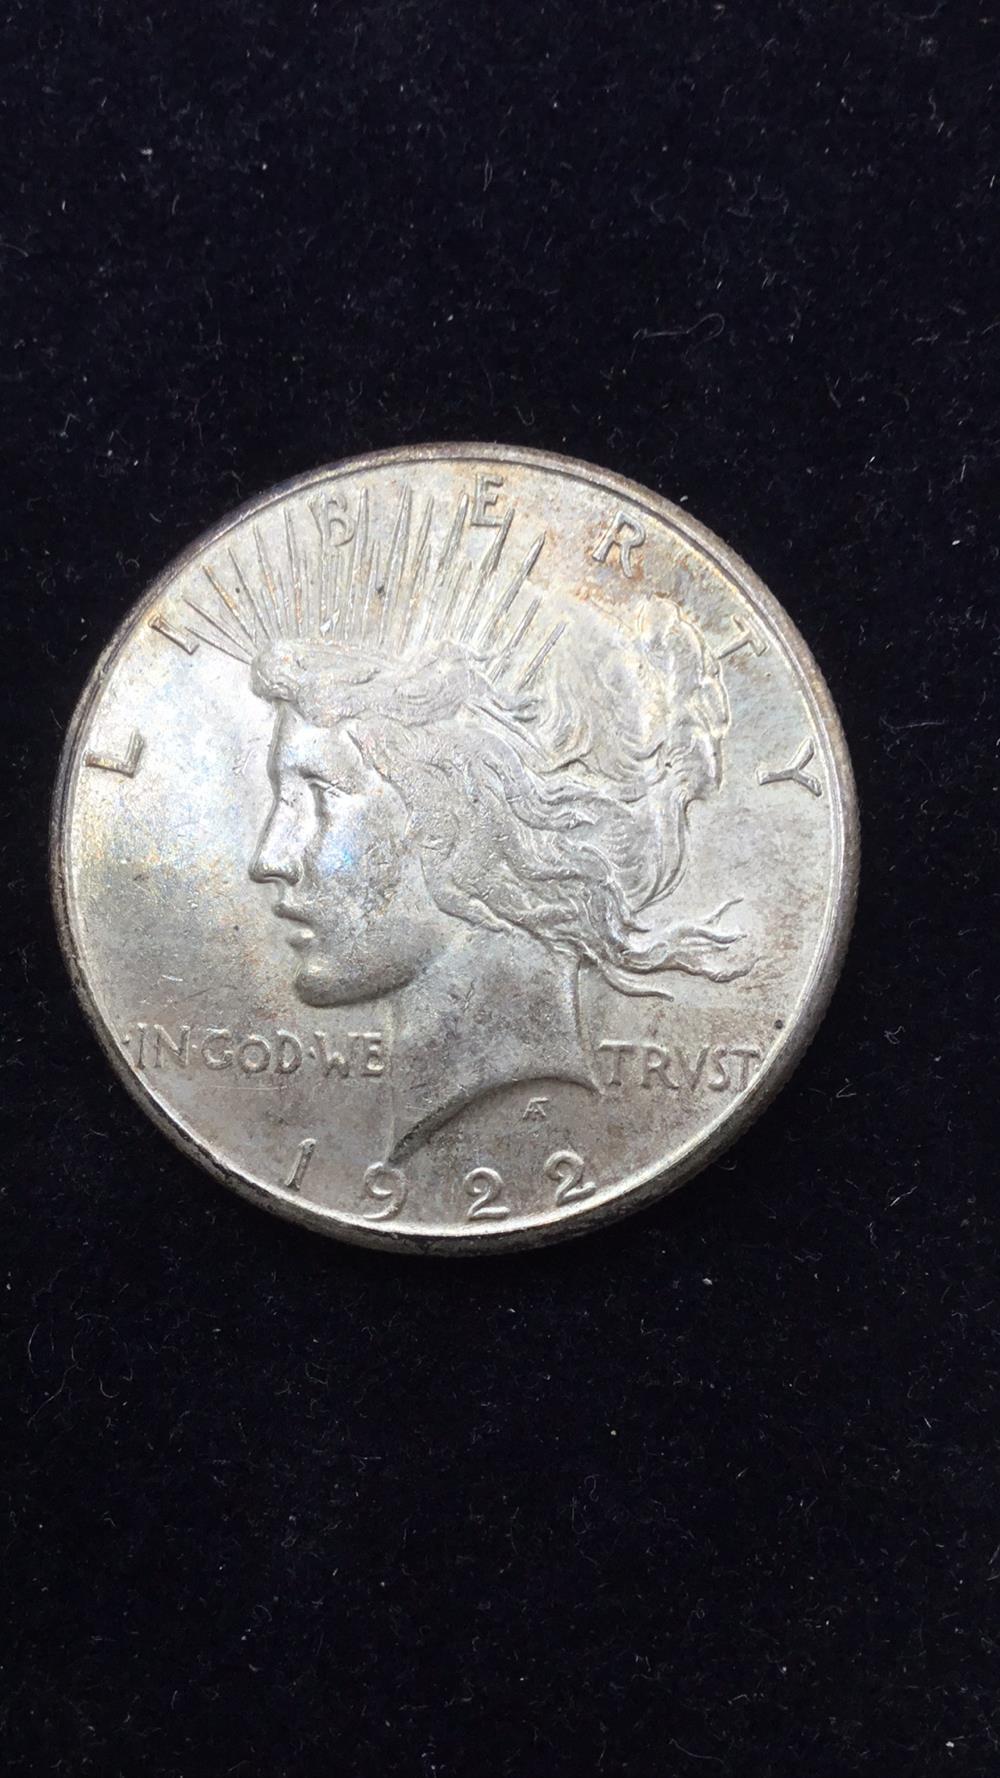 Lot 53: Peace dollar